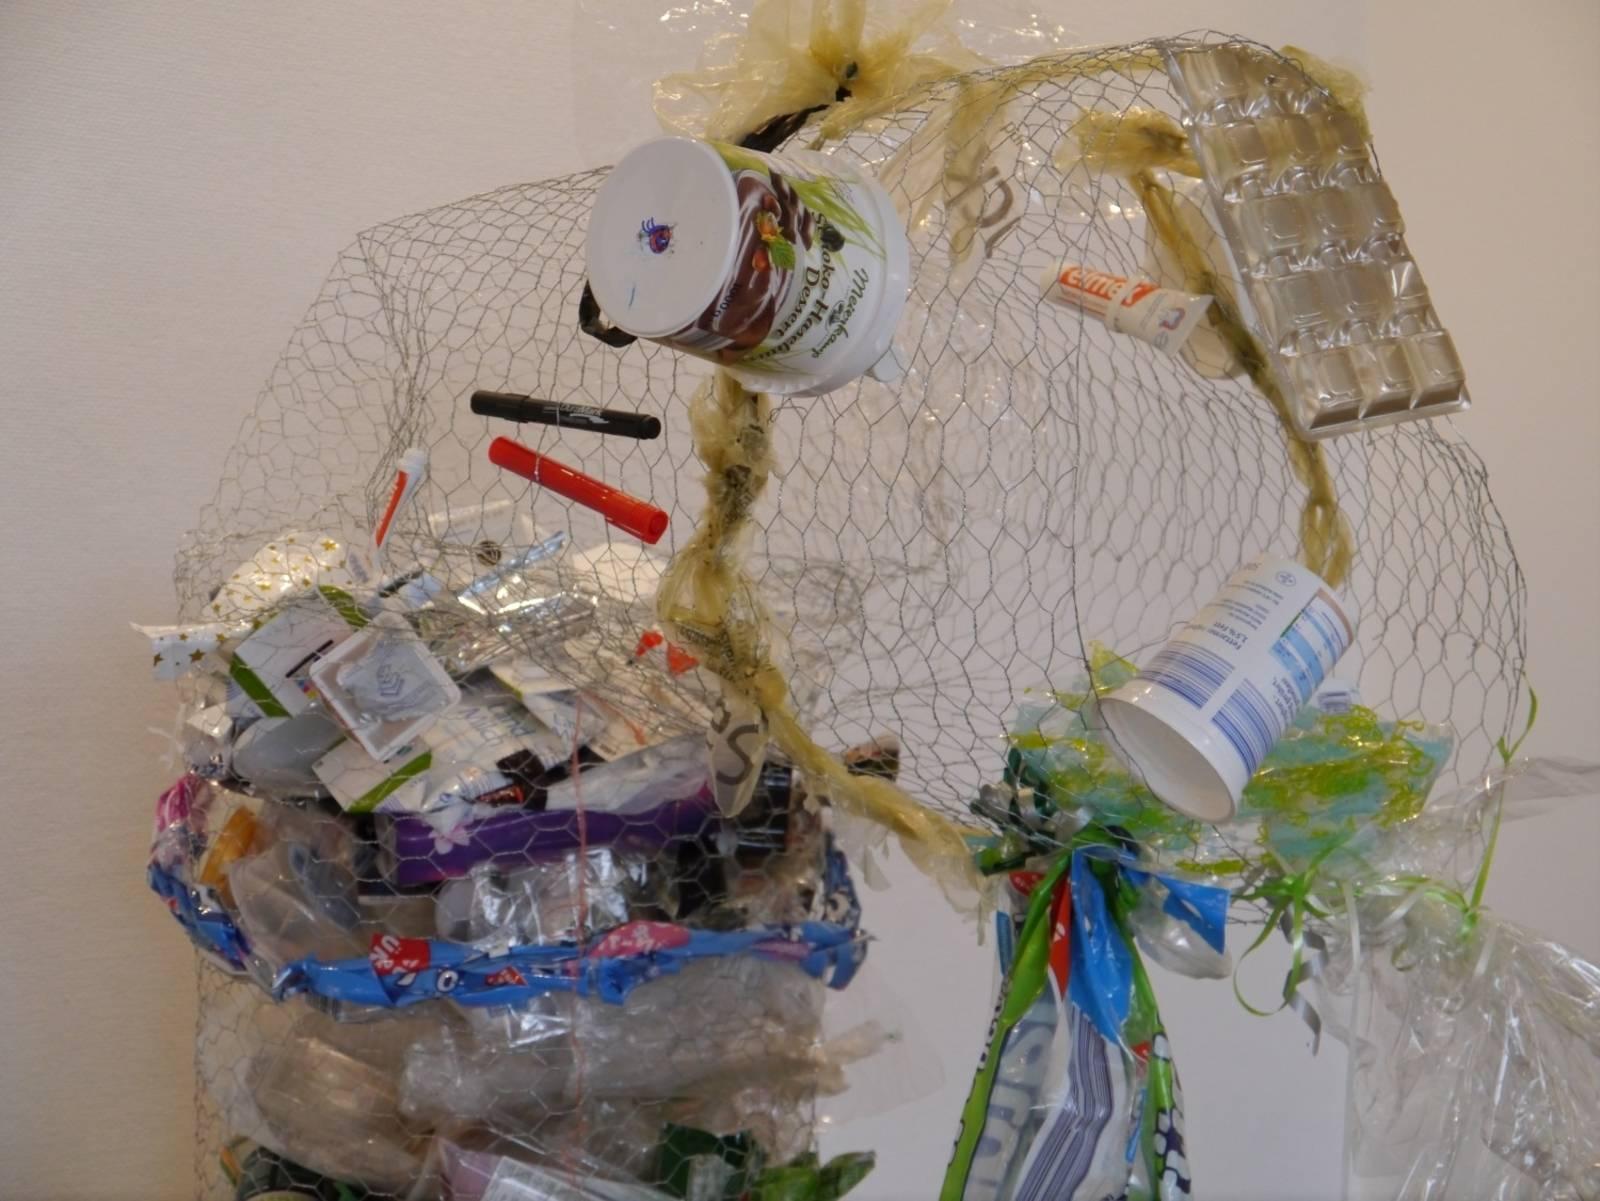 Jede Menge Plastik, das sich in einem Drahtkorb verfangen hat.